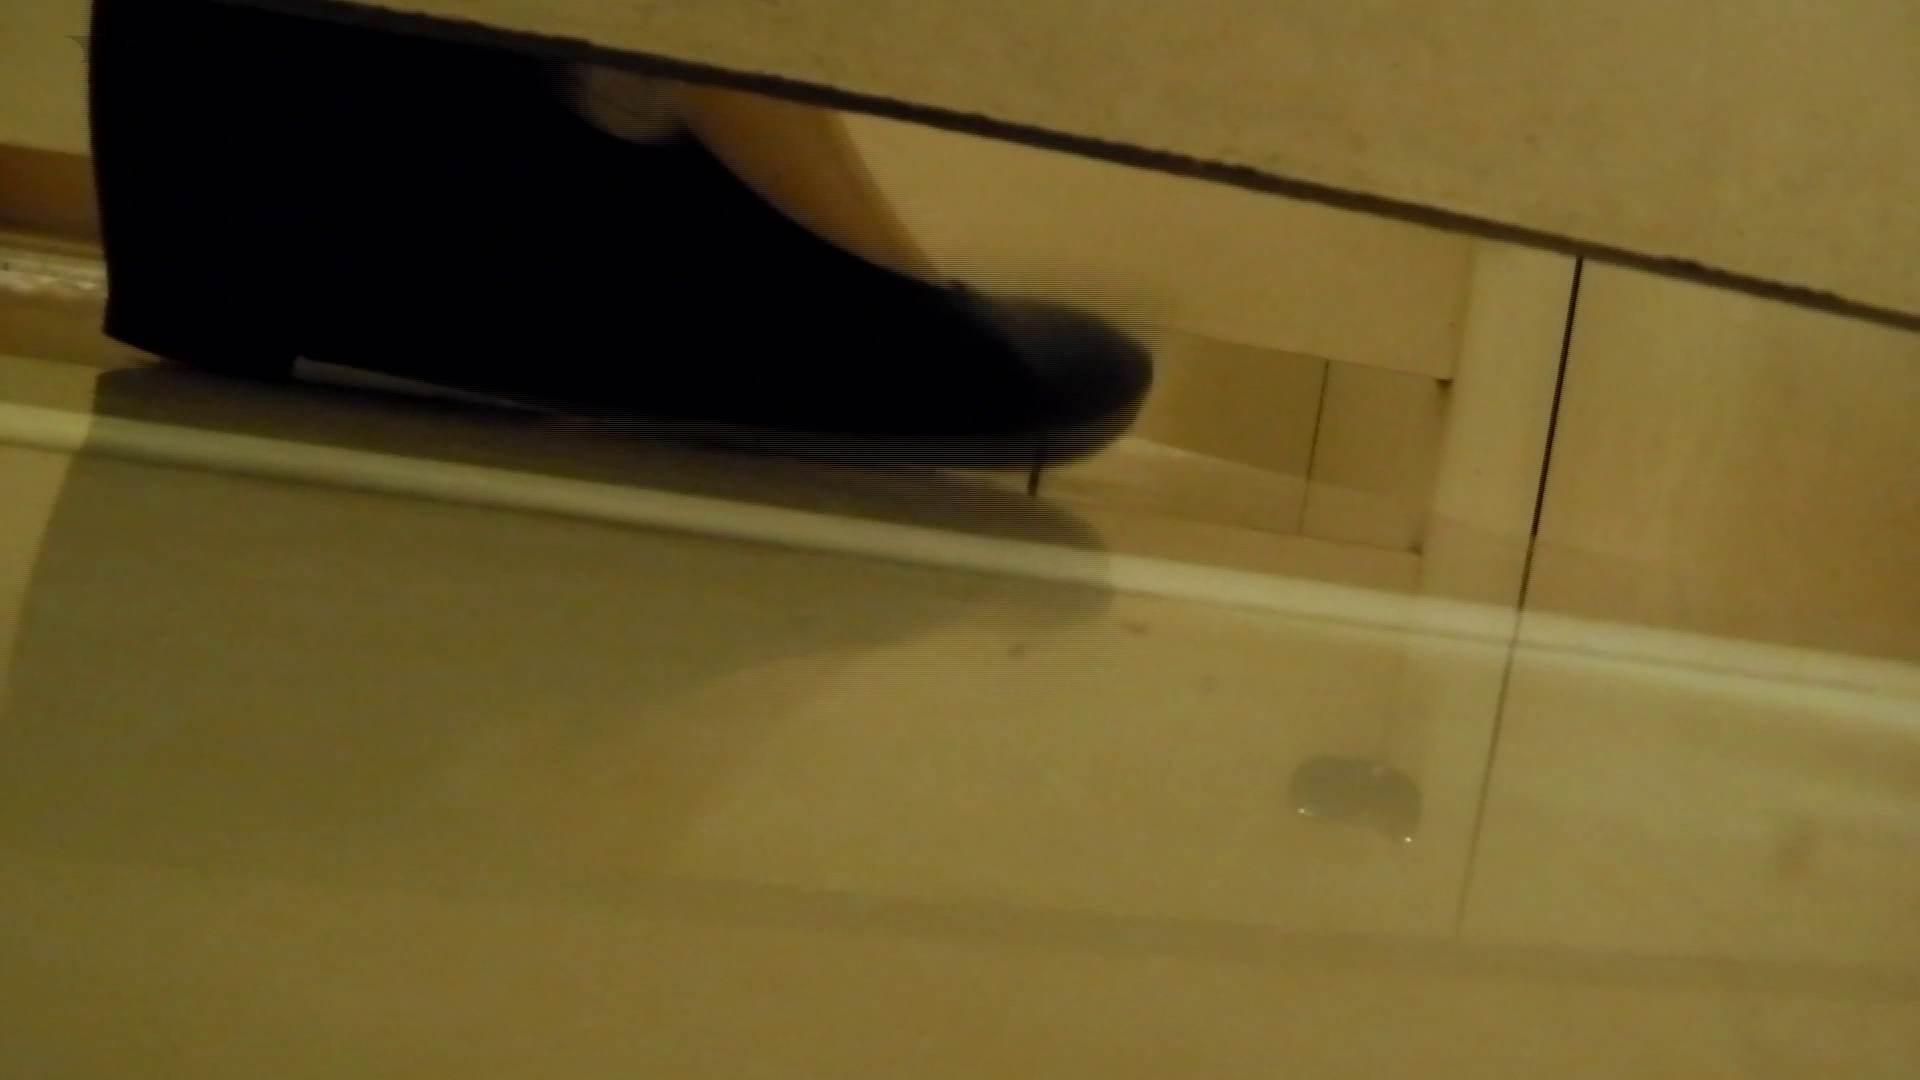 新世界の射窓 No78 トリンドル 玲奈似登場シリーズ美女率最高作! 美女 すけべAV動画紹介 112枚 65